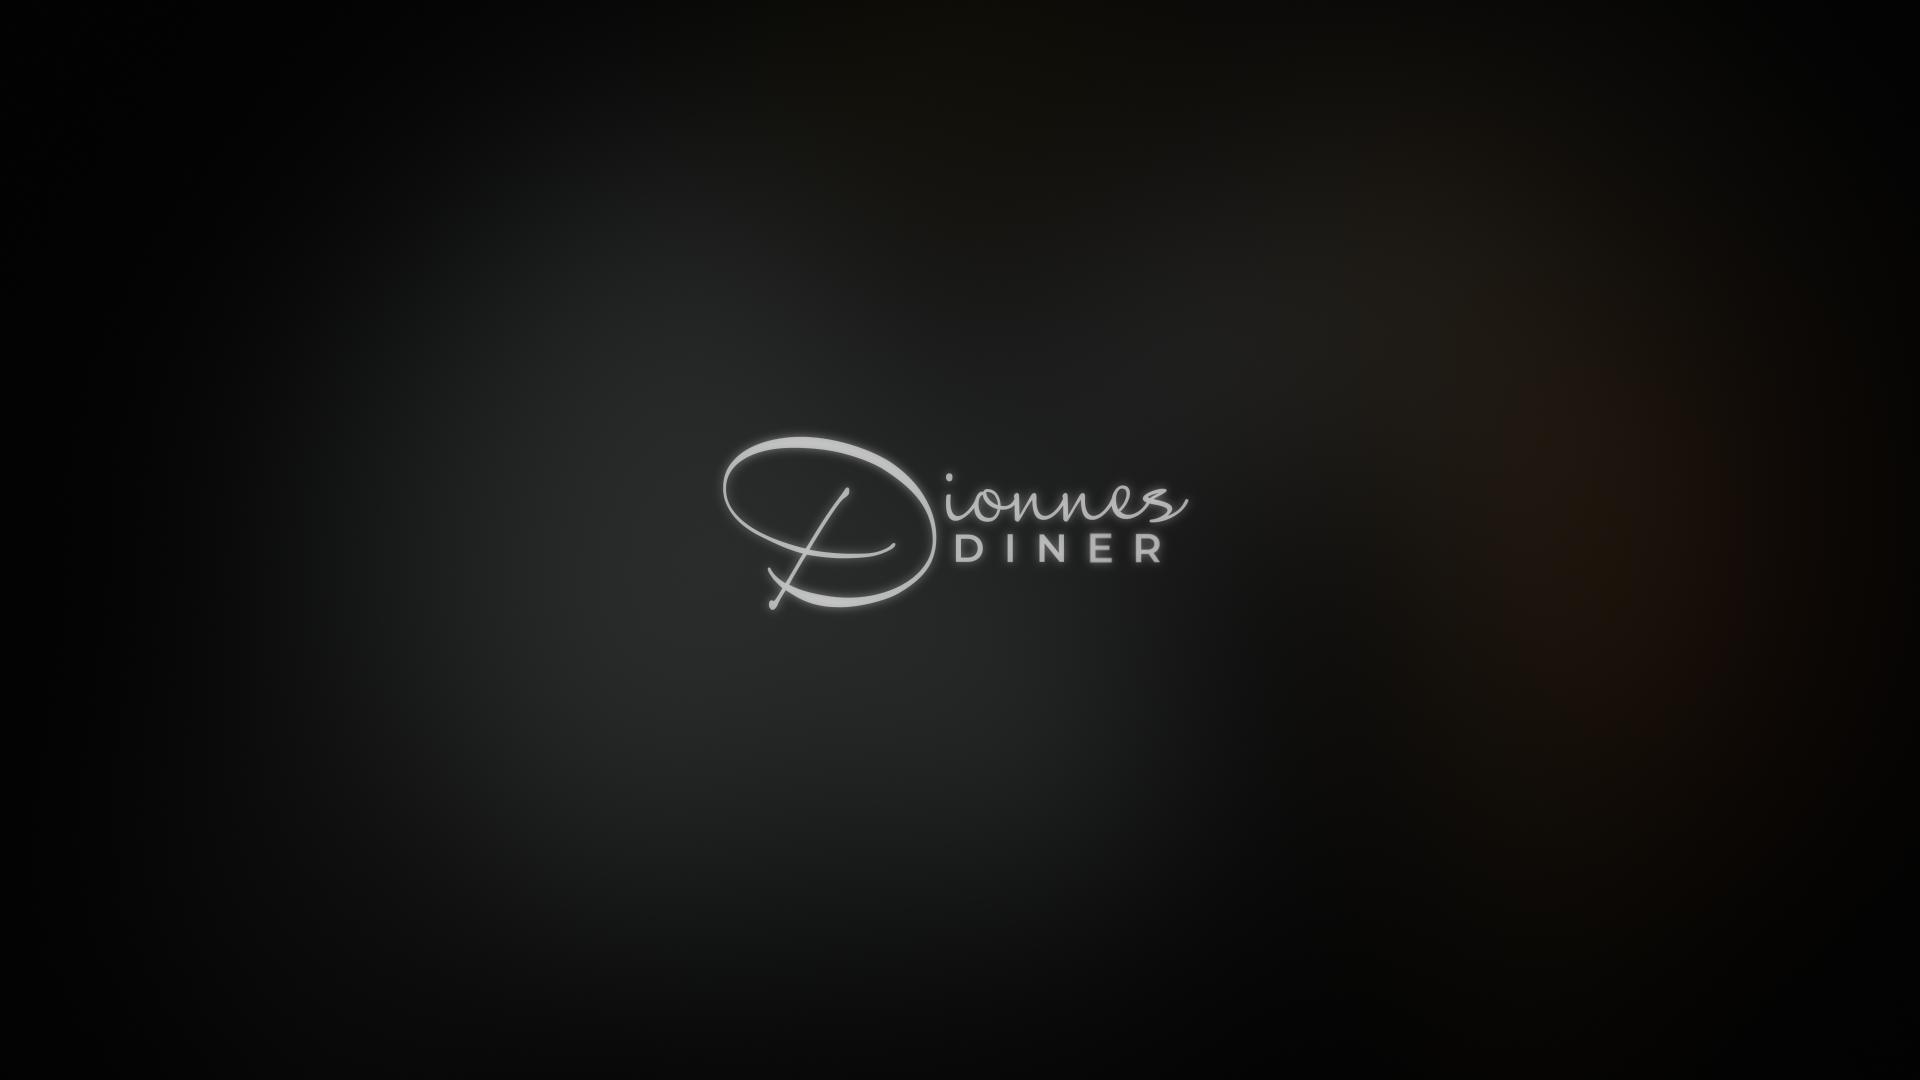 dionnes diner logo design